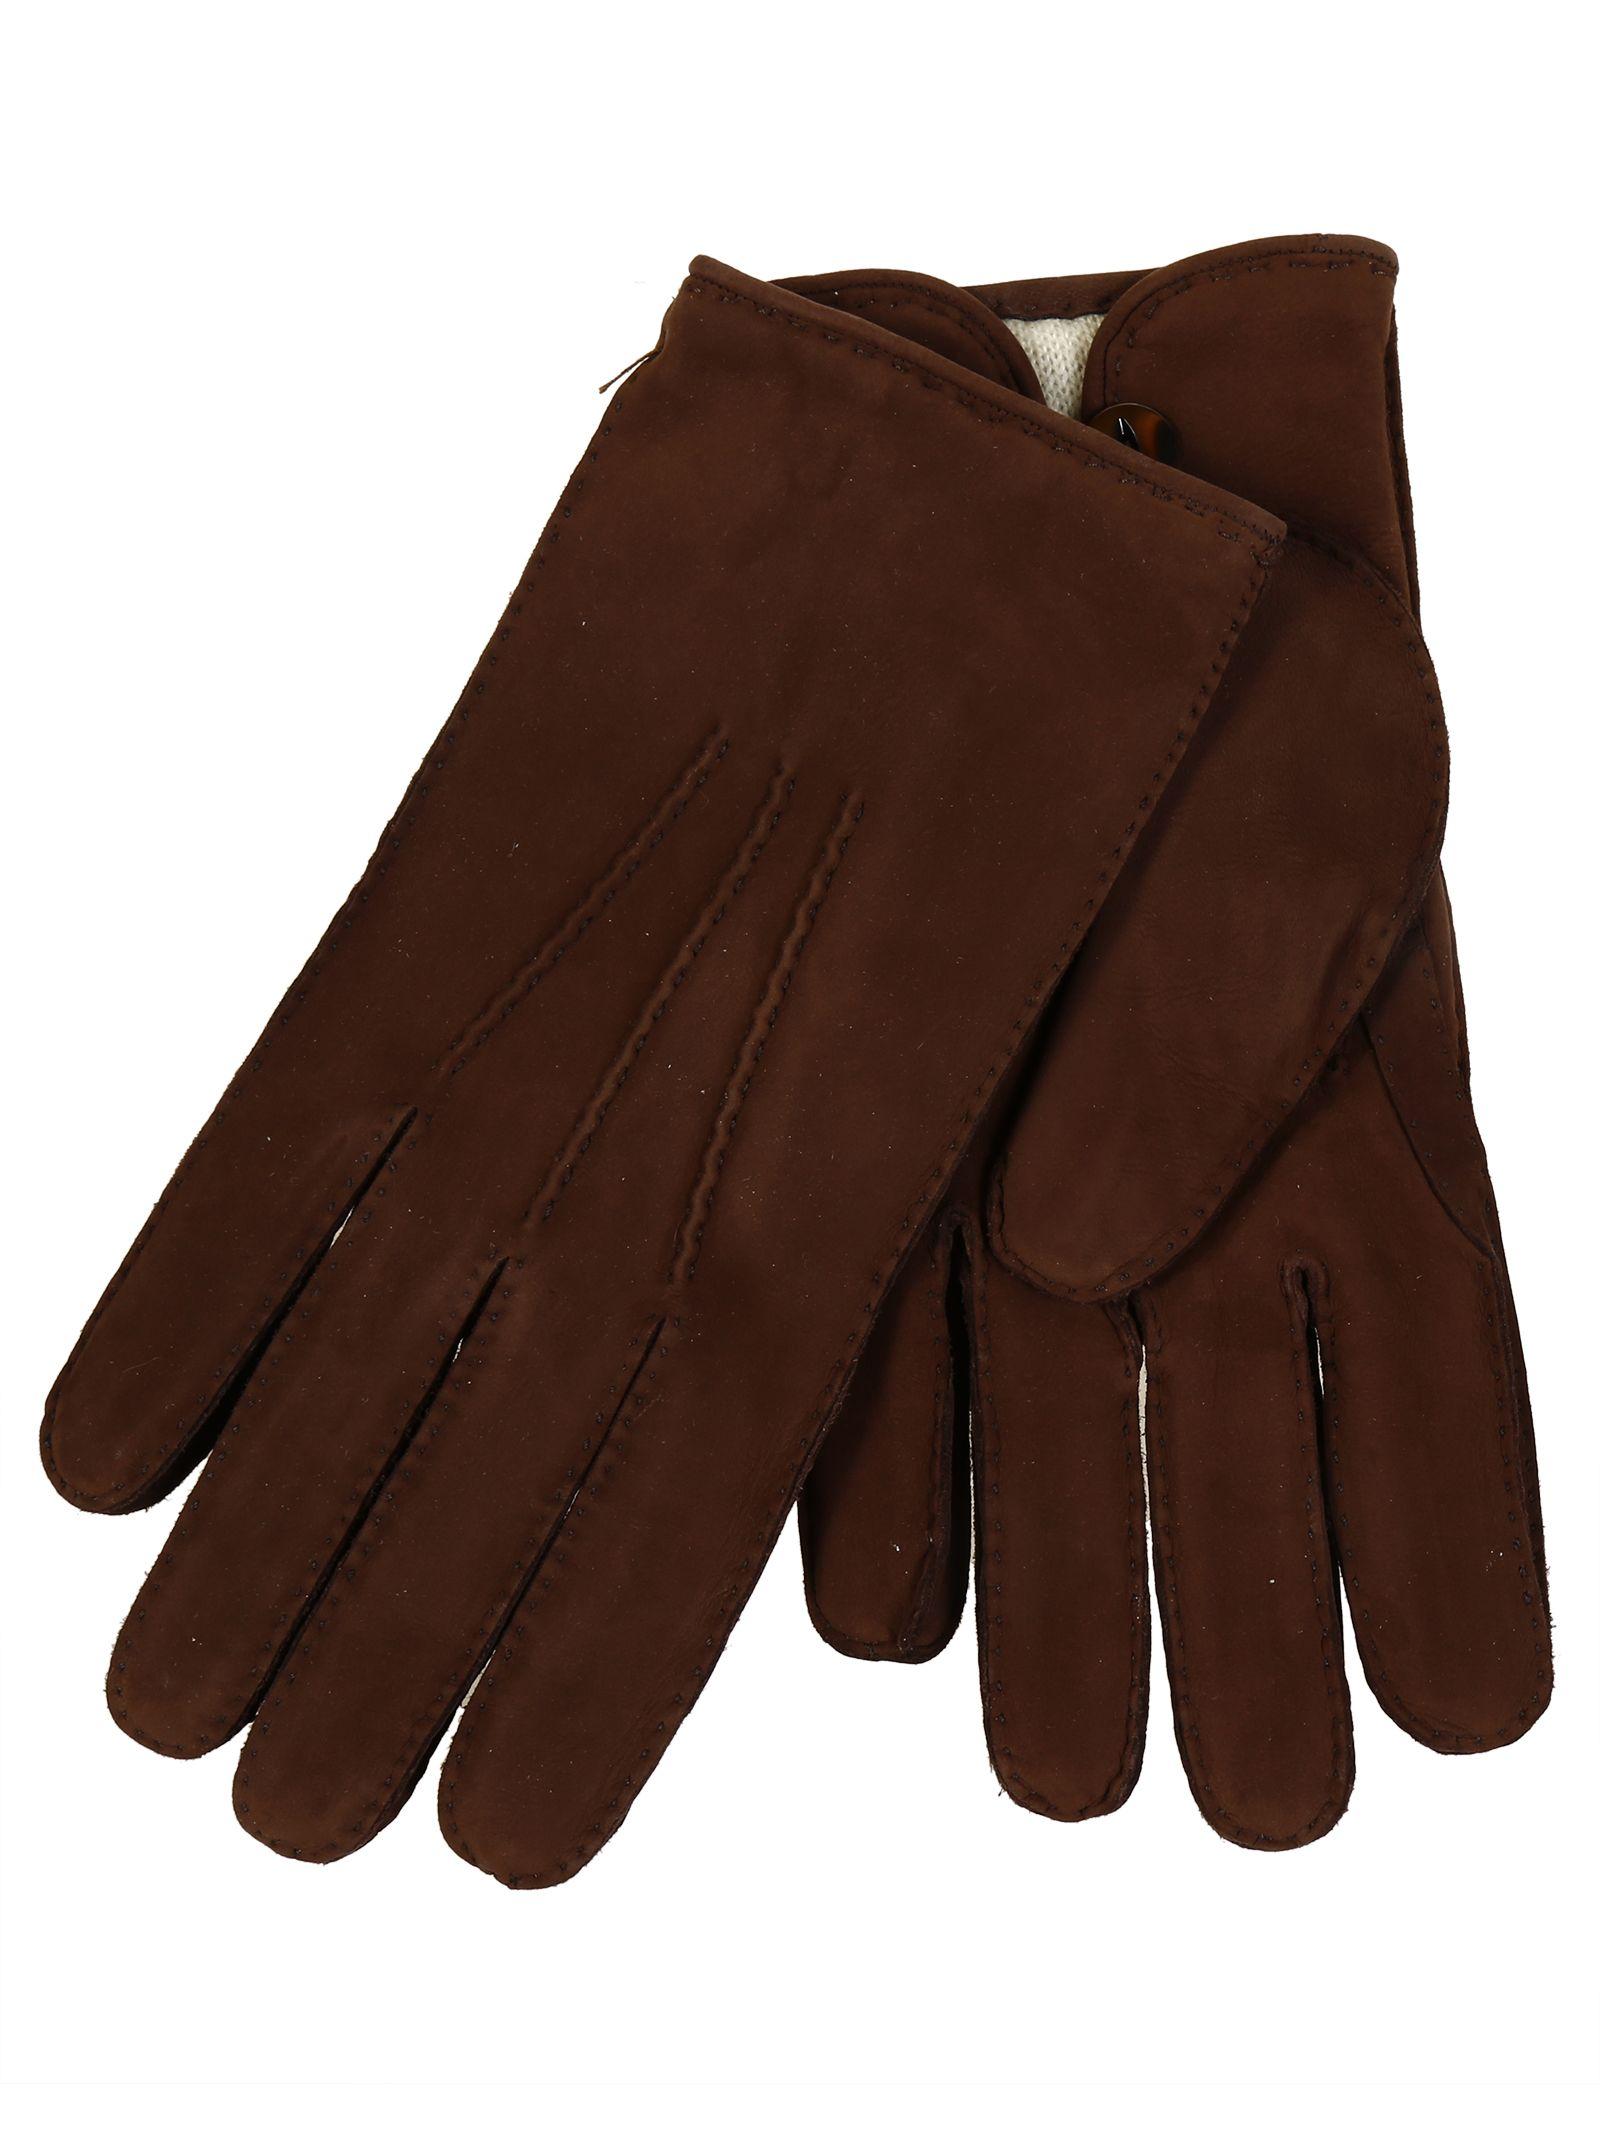 Restelli Nubuck Hand-Stitched Gloves With Gap Under Button